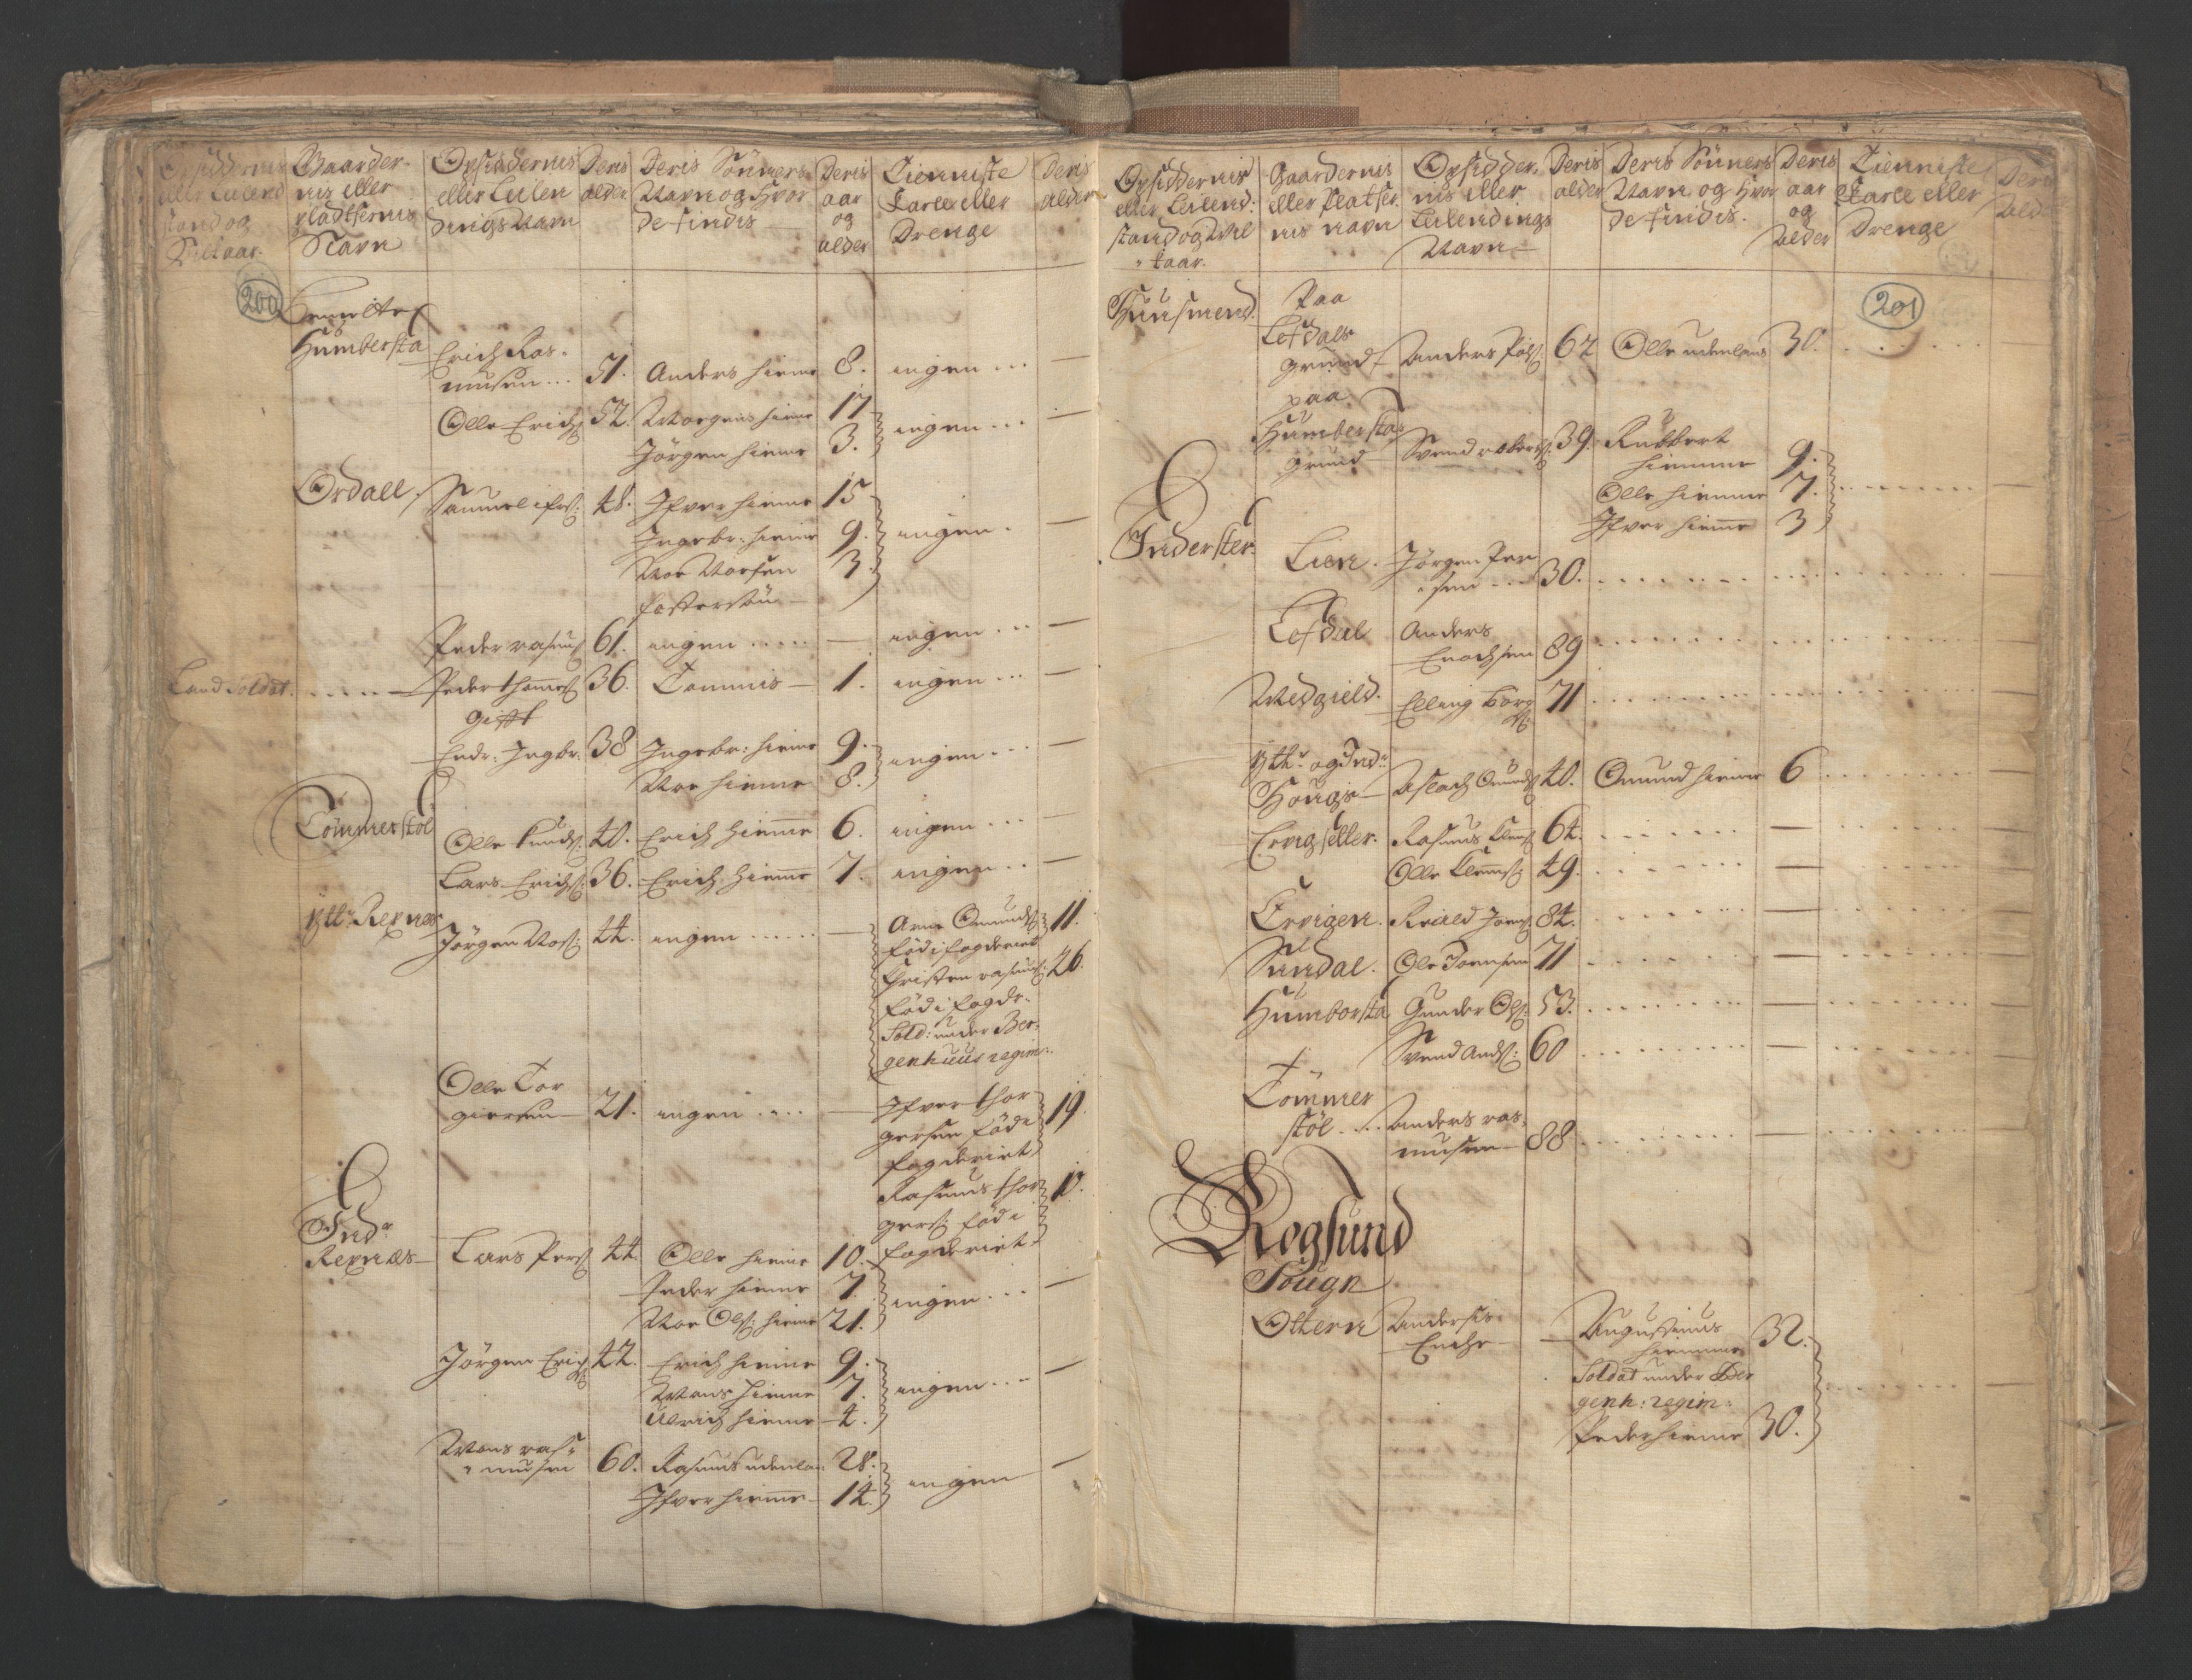 RA, Manntallet 1701, nr. 9: Sunnfjord fogderi, Nordfjord fogderi og Svanø birk, 1701, s. 200-201